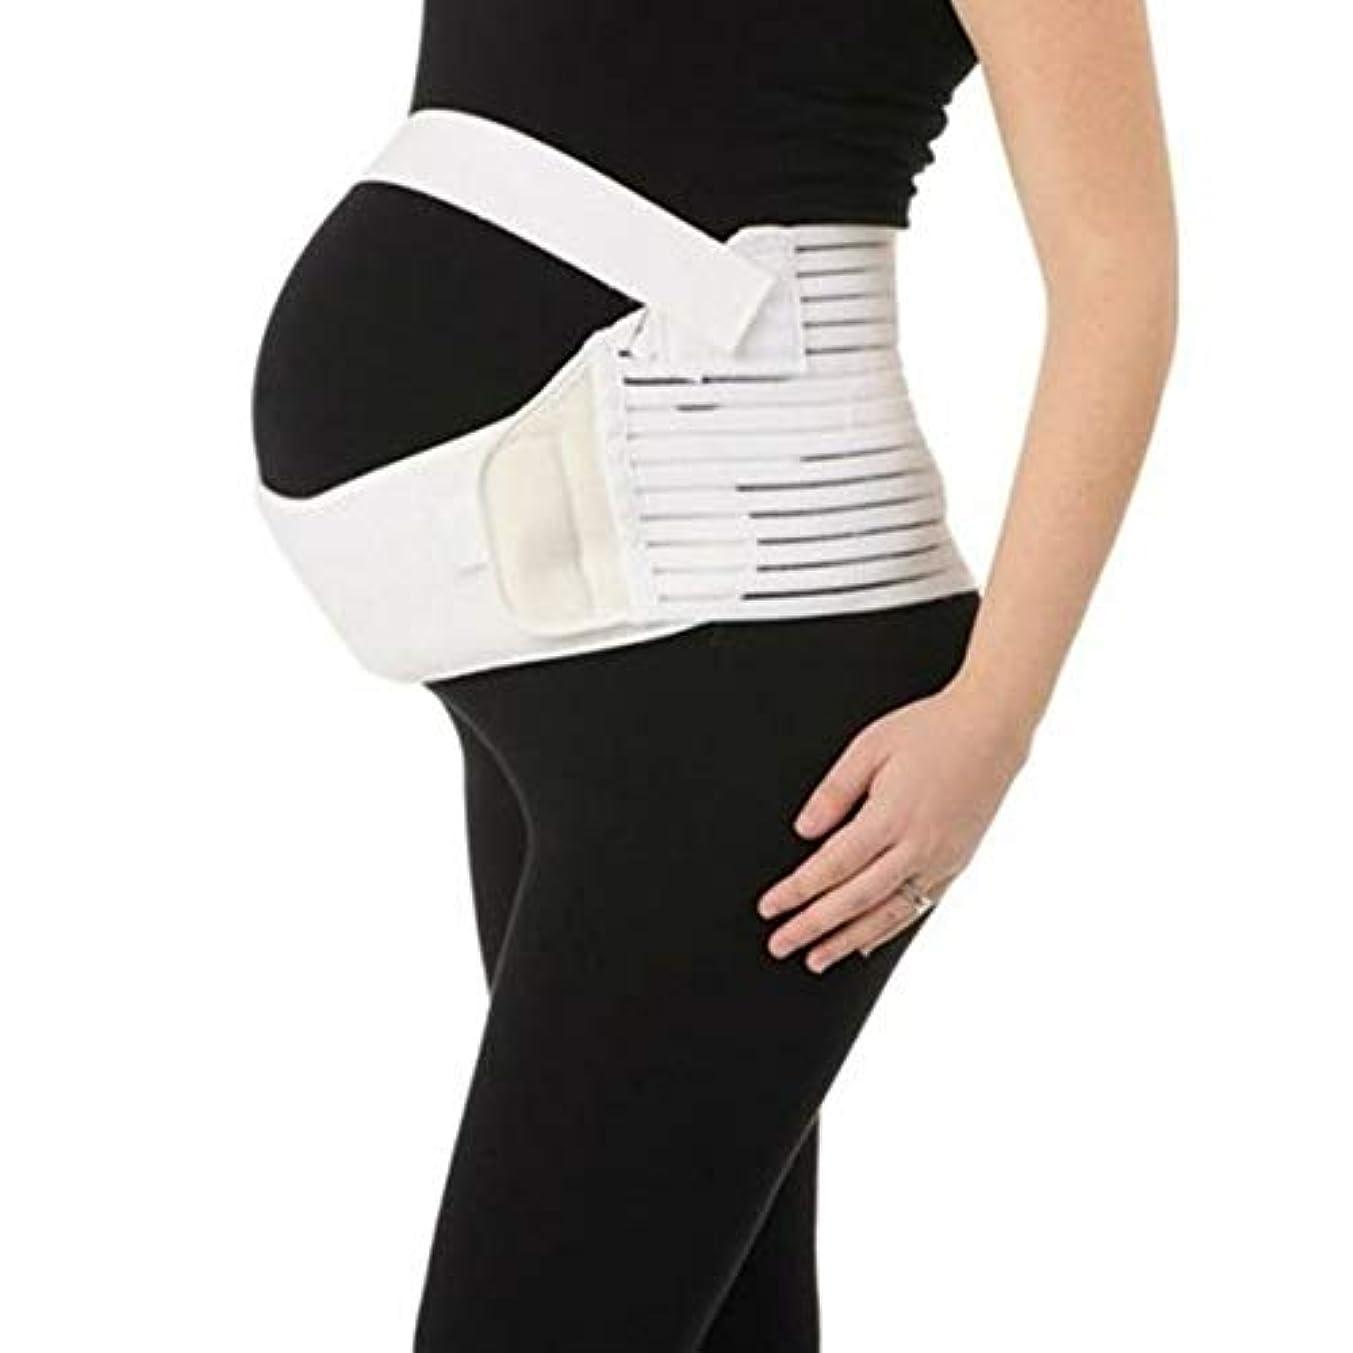 ビヨンヘッドレス研究通気性産科ベルト妊娠腹部サポート腹部バインダーガードル運動包帯産後の回復形状ウェア - ホワイトM